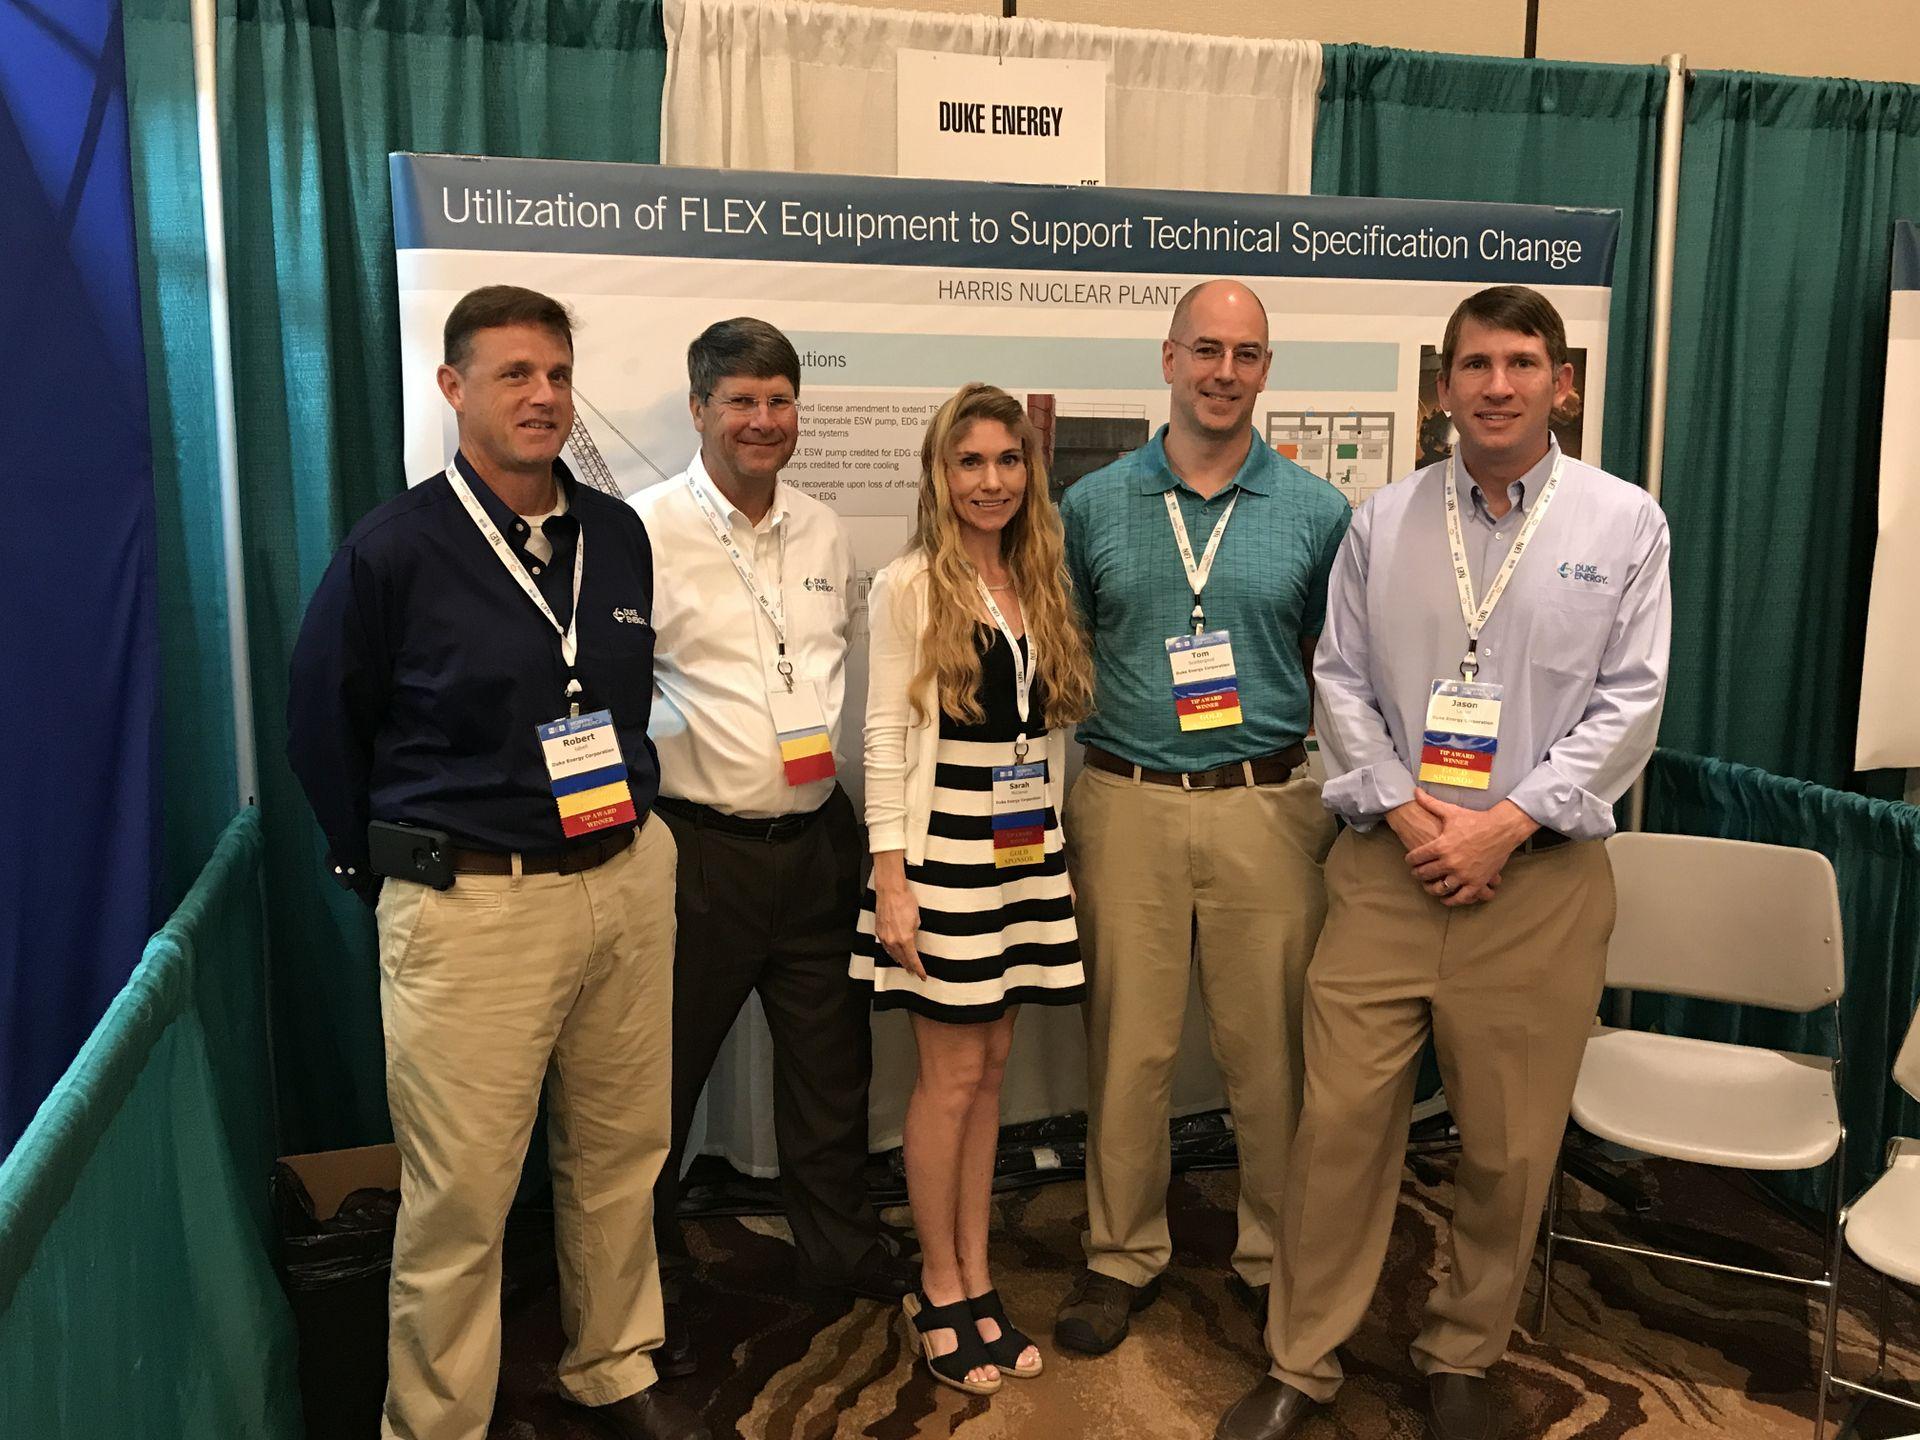 Harris Nuclear Plant teammates at their NEA TIP Award exhibit